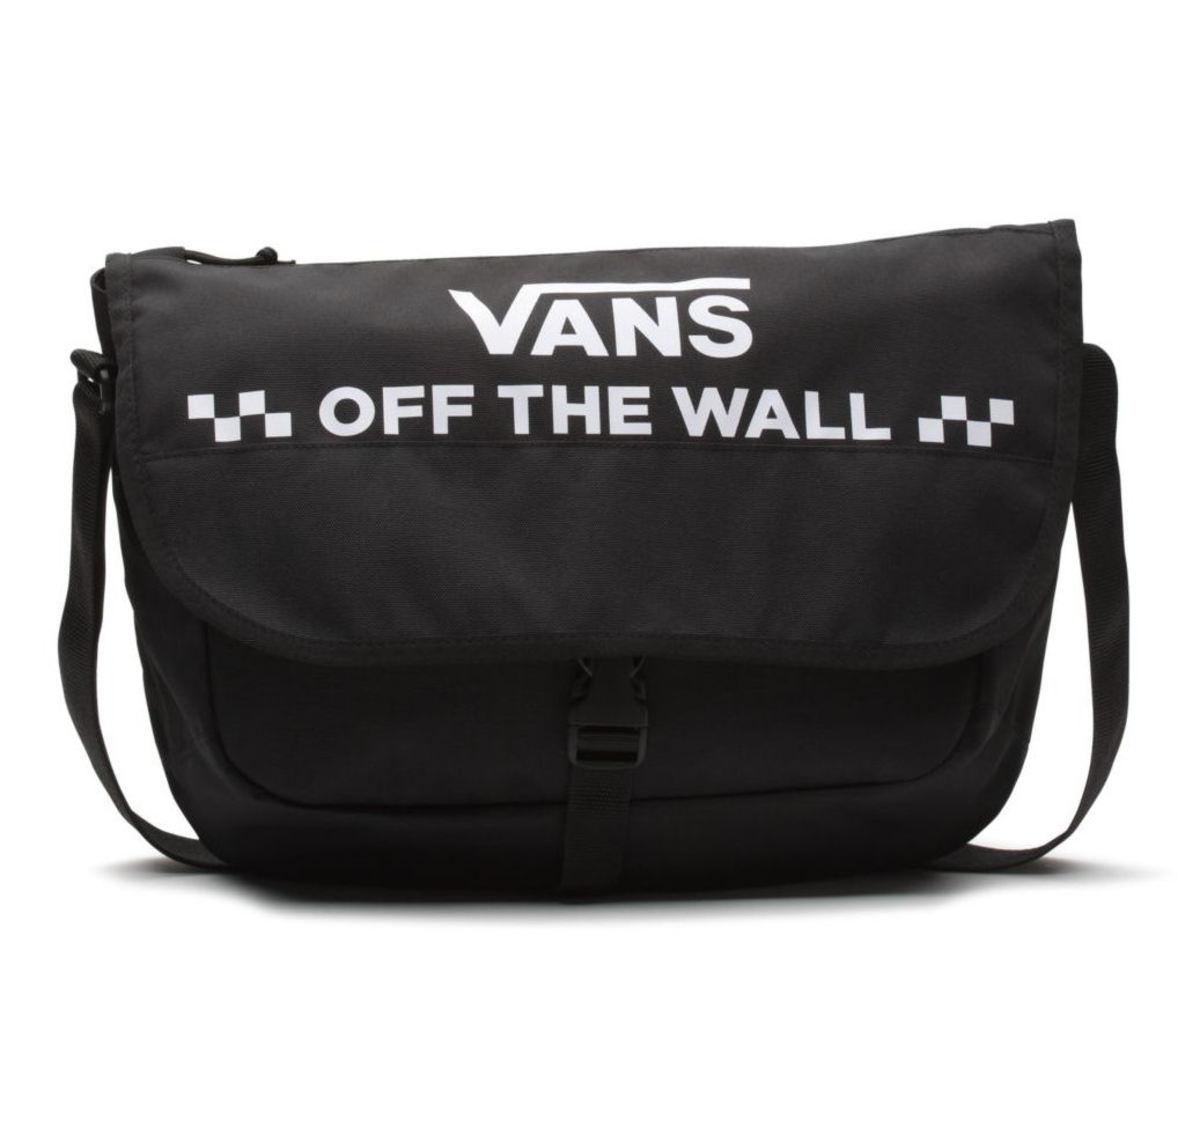 6a5e0d4b61 taška (kabelka) VANS - WM COURIER MESSENGER - Black - VN0A3NG6BLK1